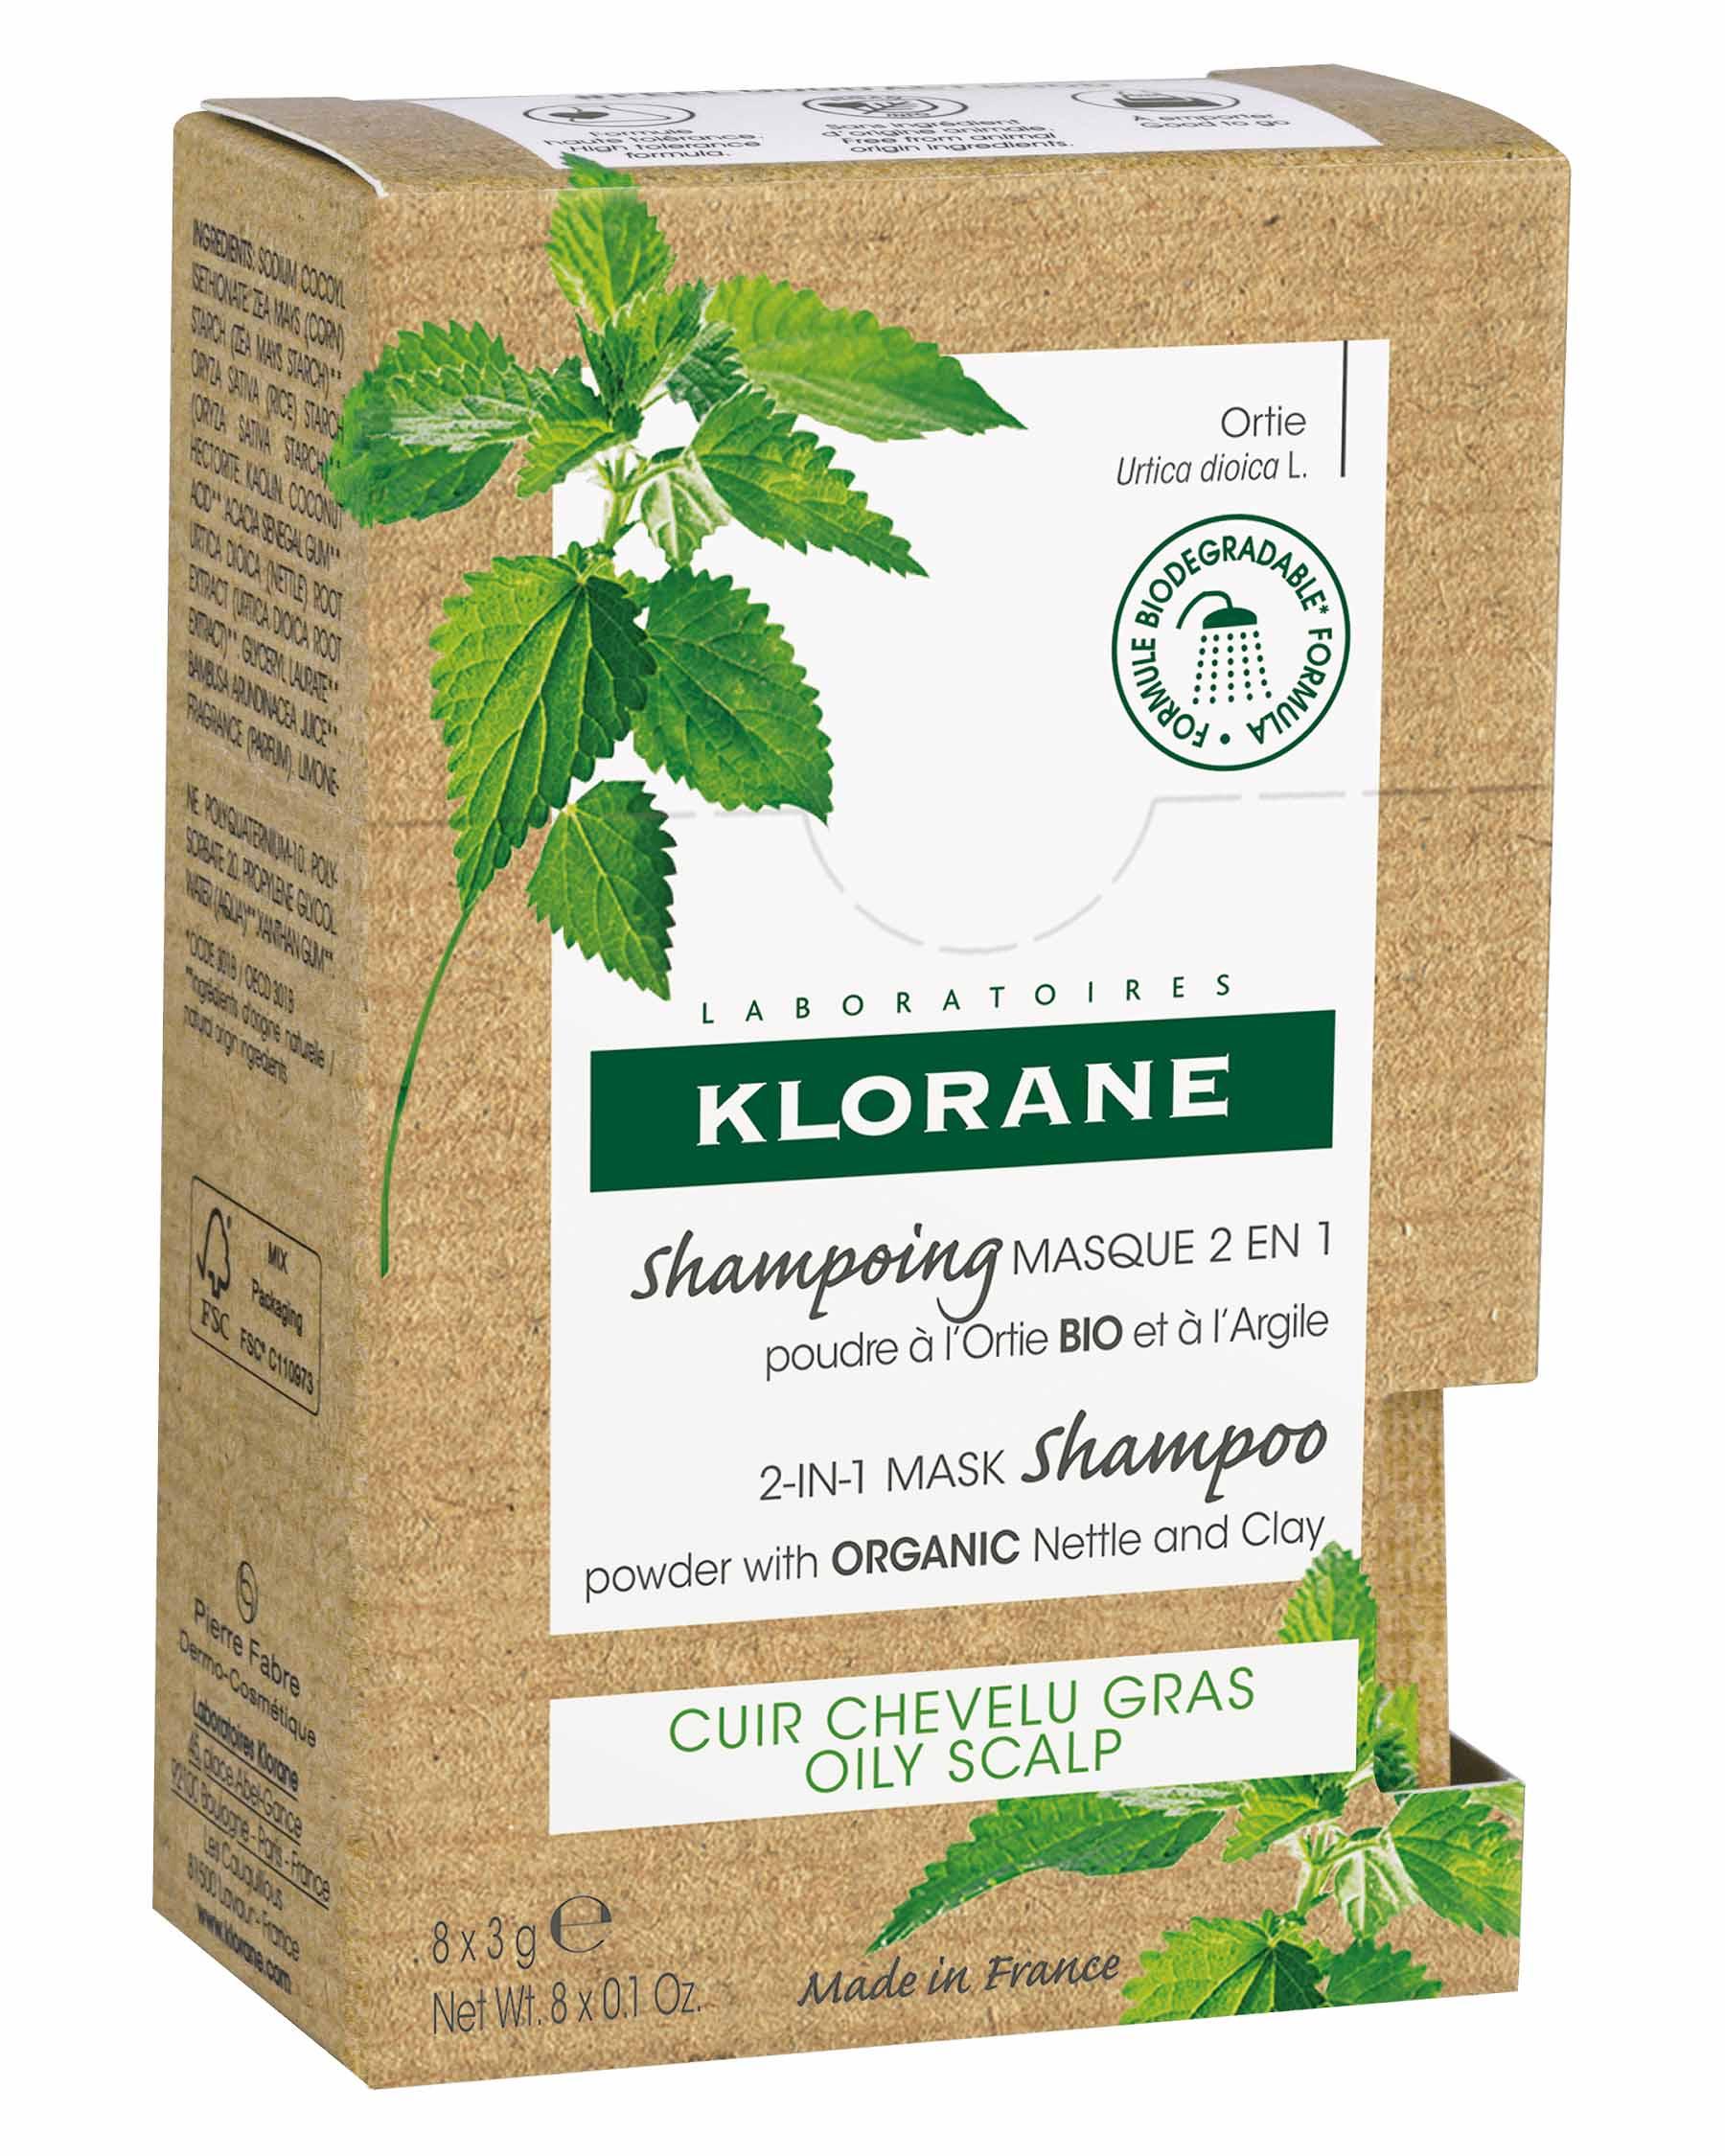 Купить Klorane Порошковый шампунь-маска 2в1 с экстрактом крапивы и глины, 8 саше х 3 г (Klorane, Oily Prone Hair), Франция